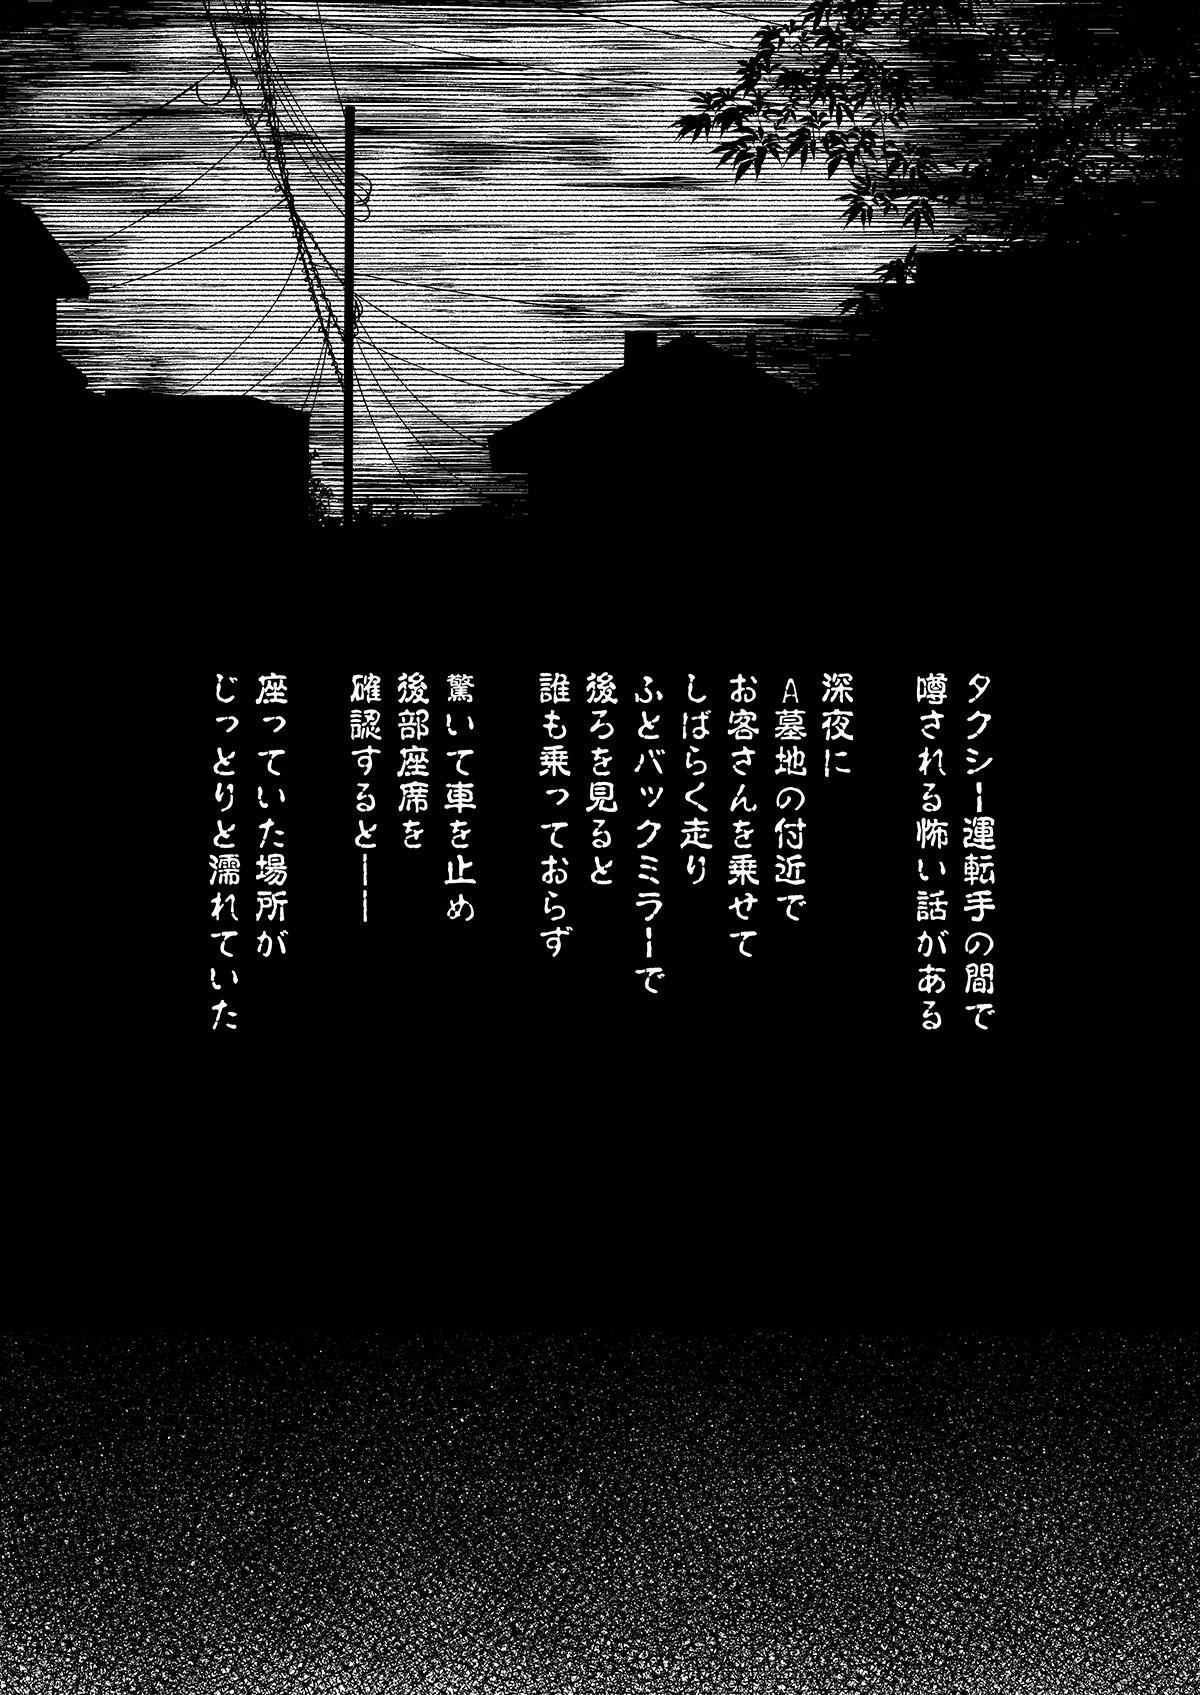 オナ兄さん・夜のおさんぽ露出 21